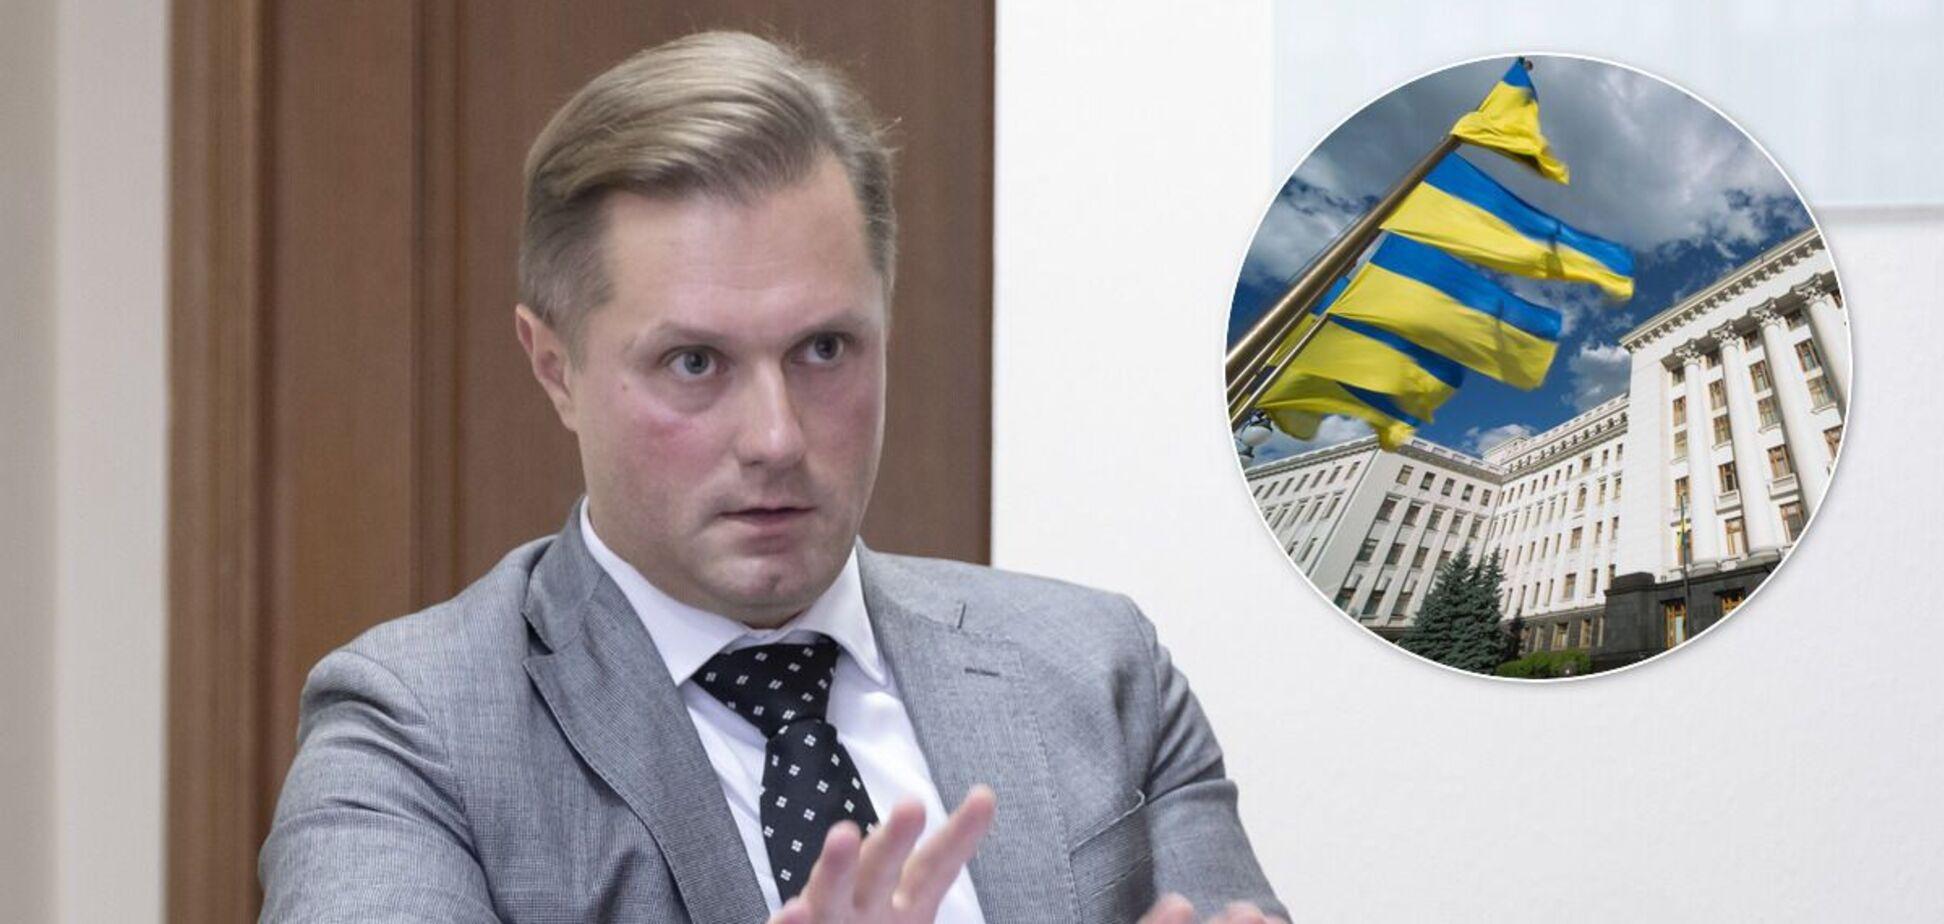 Уволенного из АМКУ Терентьева с помощью ОПУ пытаются пропихнуть на высокую должность, – Дубинский